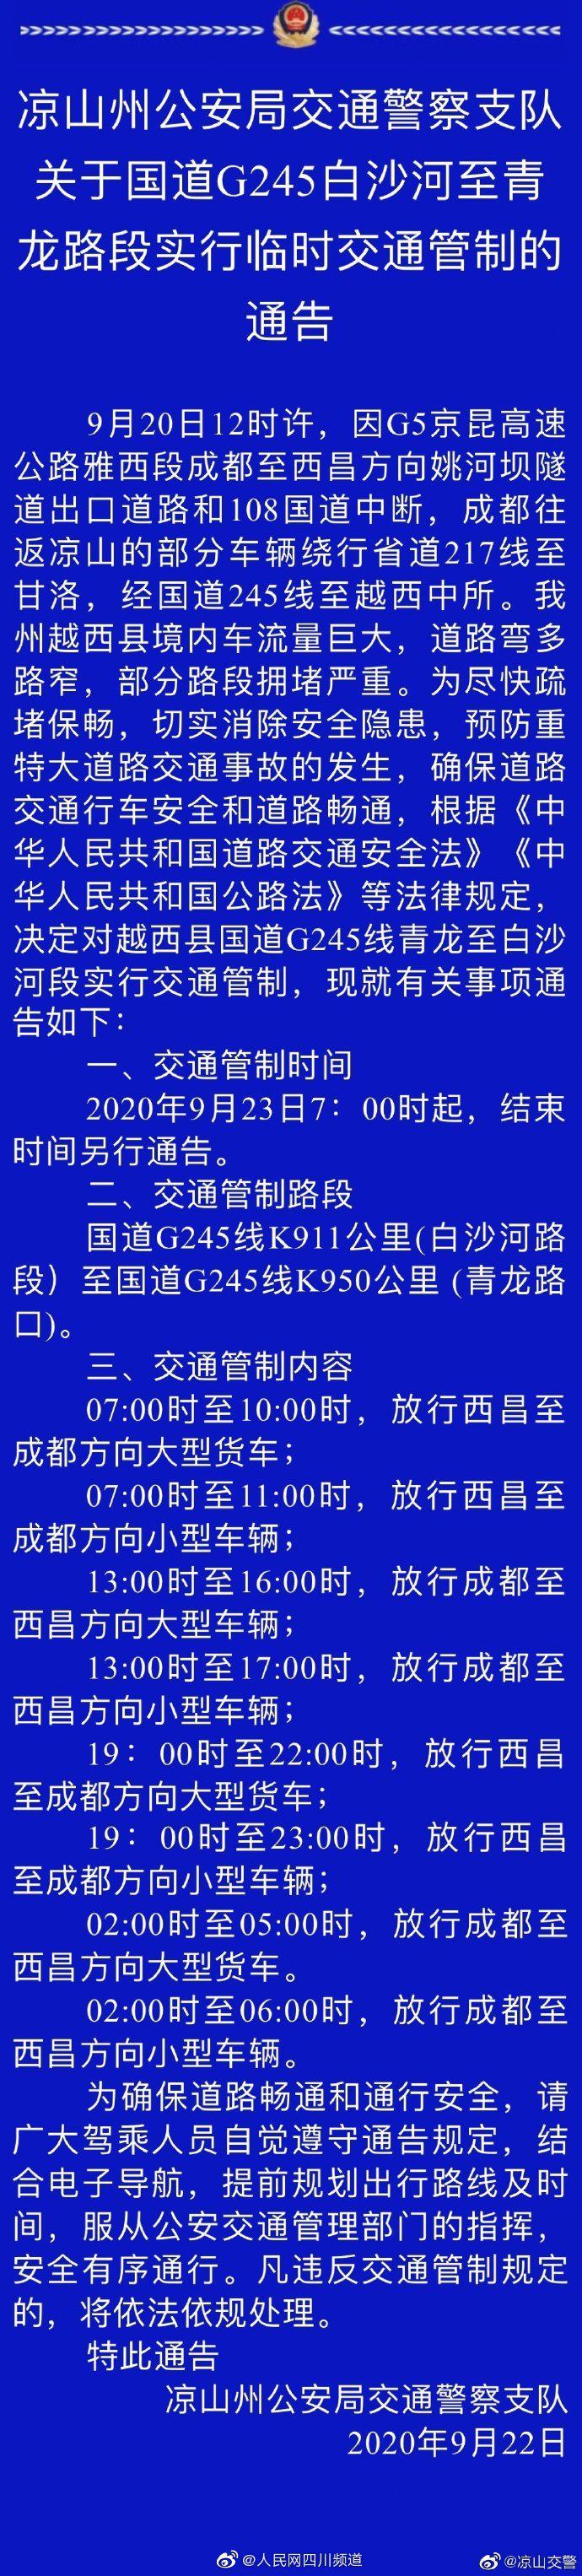 今日7时起,国道G245白沙河至青龙路段实行临时交通管制